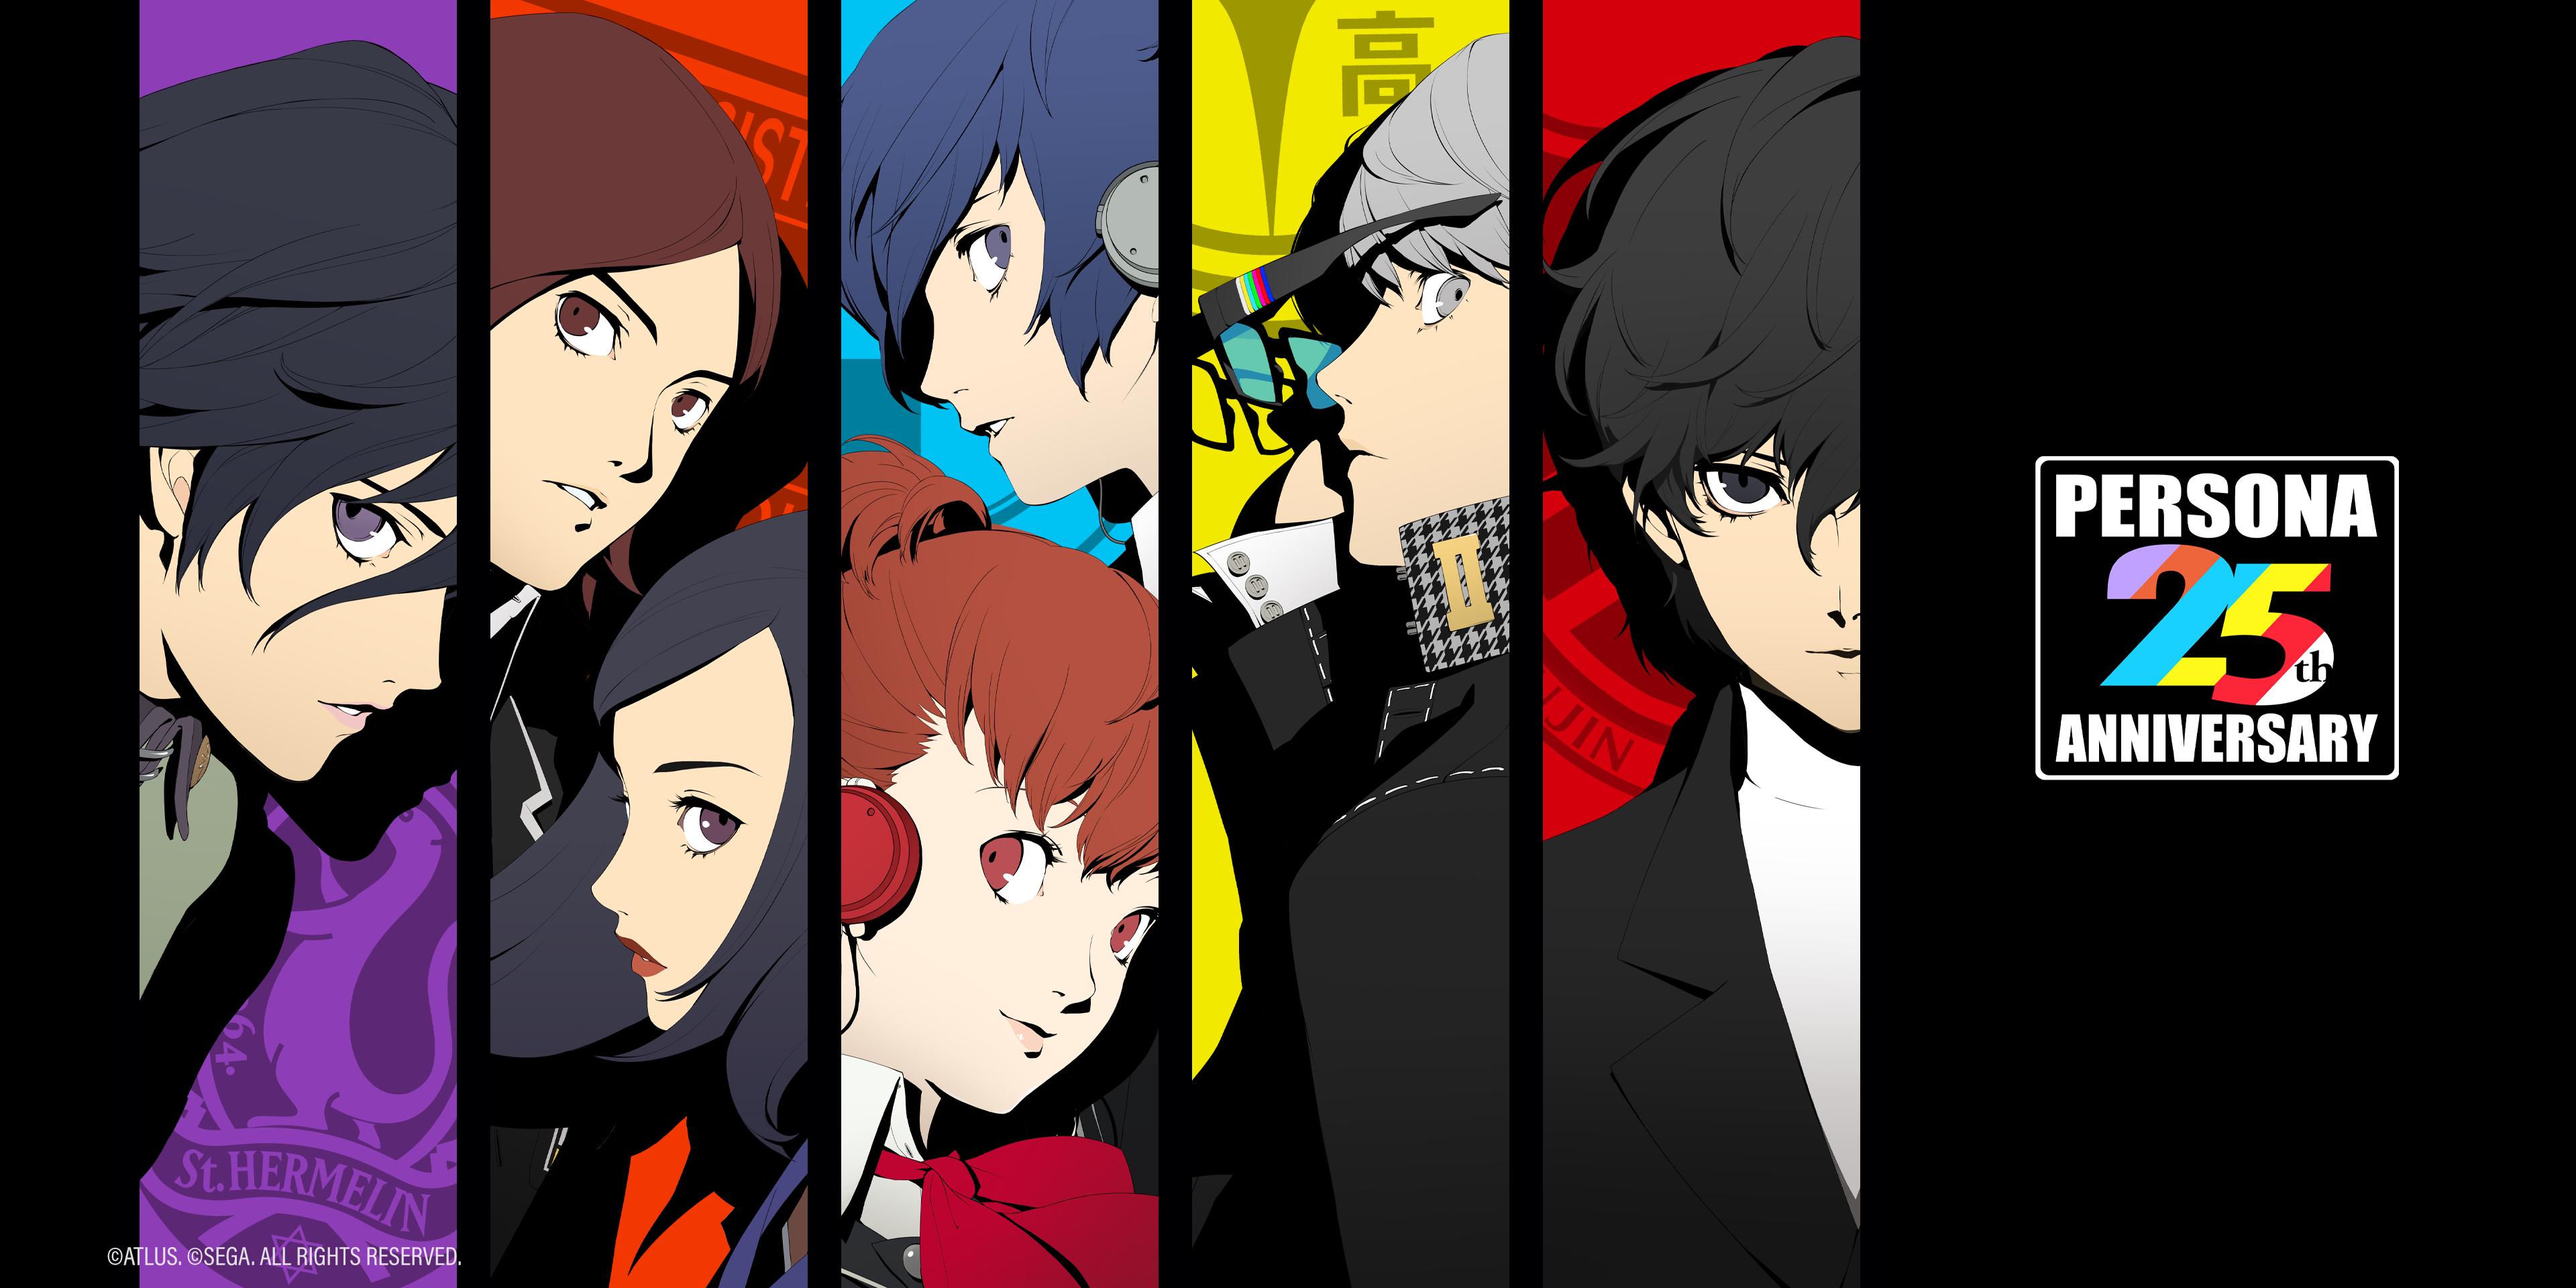 Persona's 25th anniversary